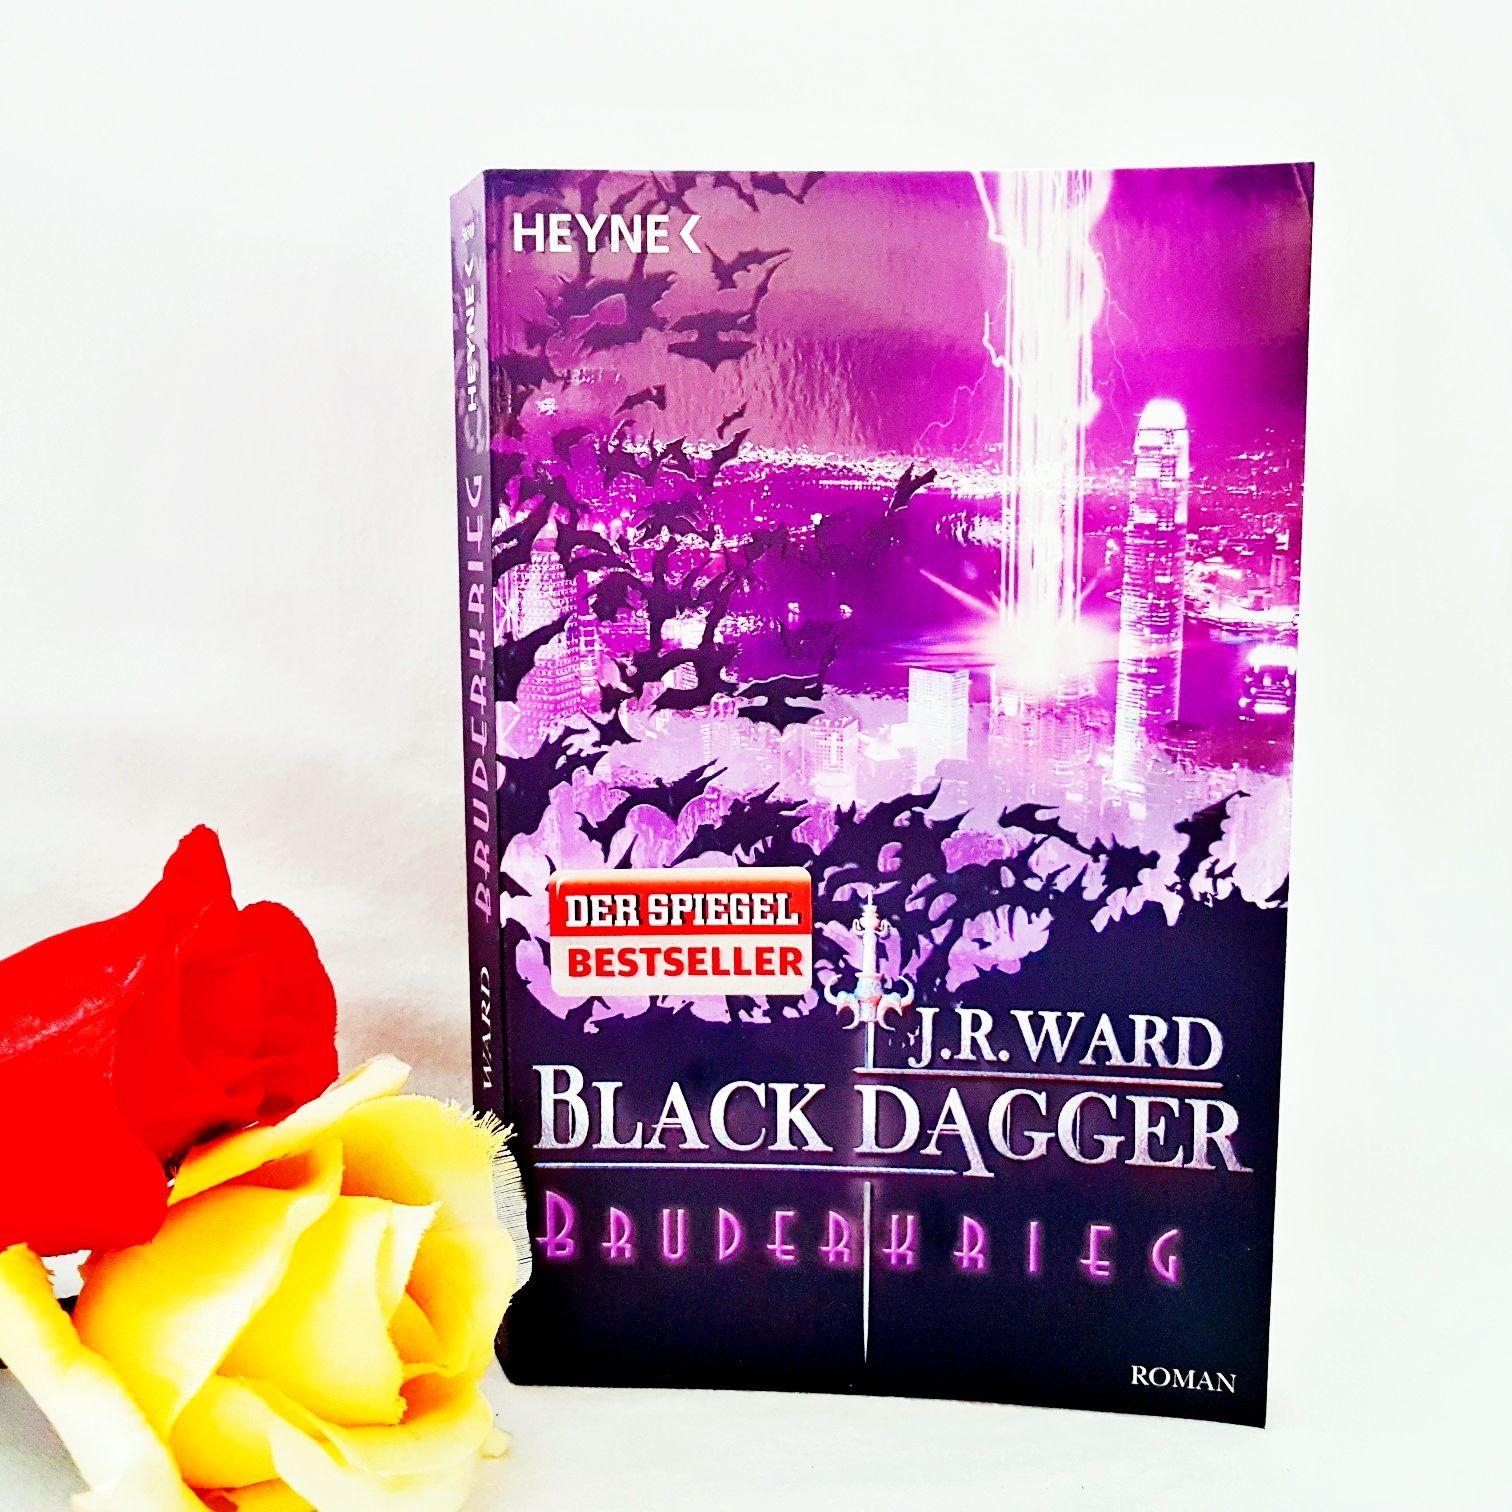 Black Dagger Bruderkrieg von J.R.Ward